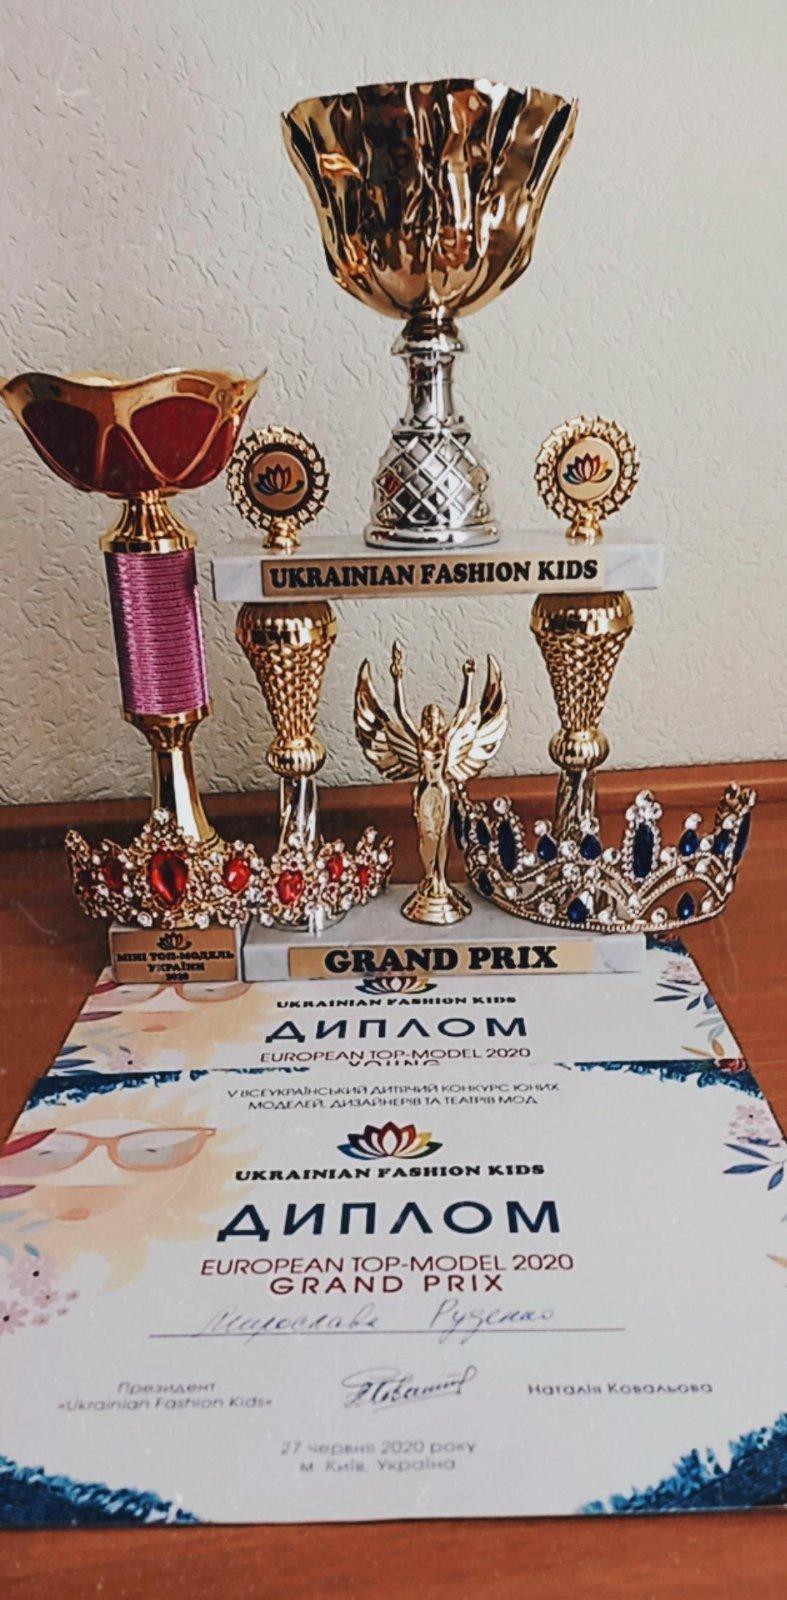 Юная бердянка Мирослава Руденко стала абсолютной победительницей международного конкурса, - ФОТО, ВИДЕО, фото-2